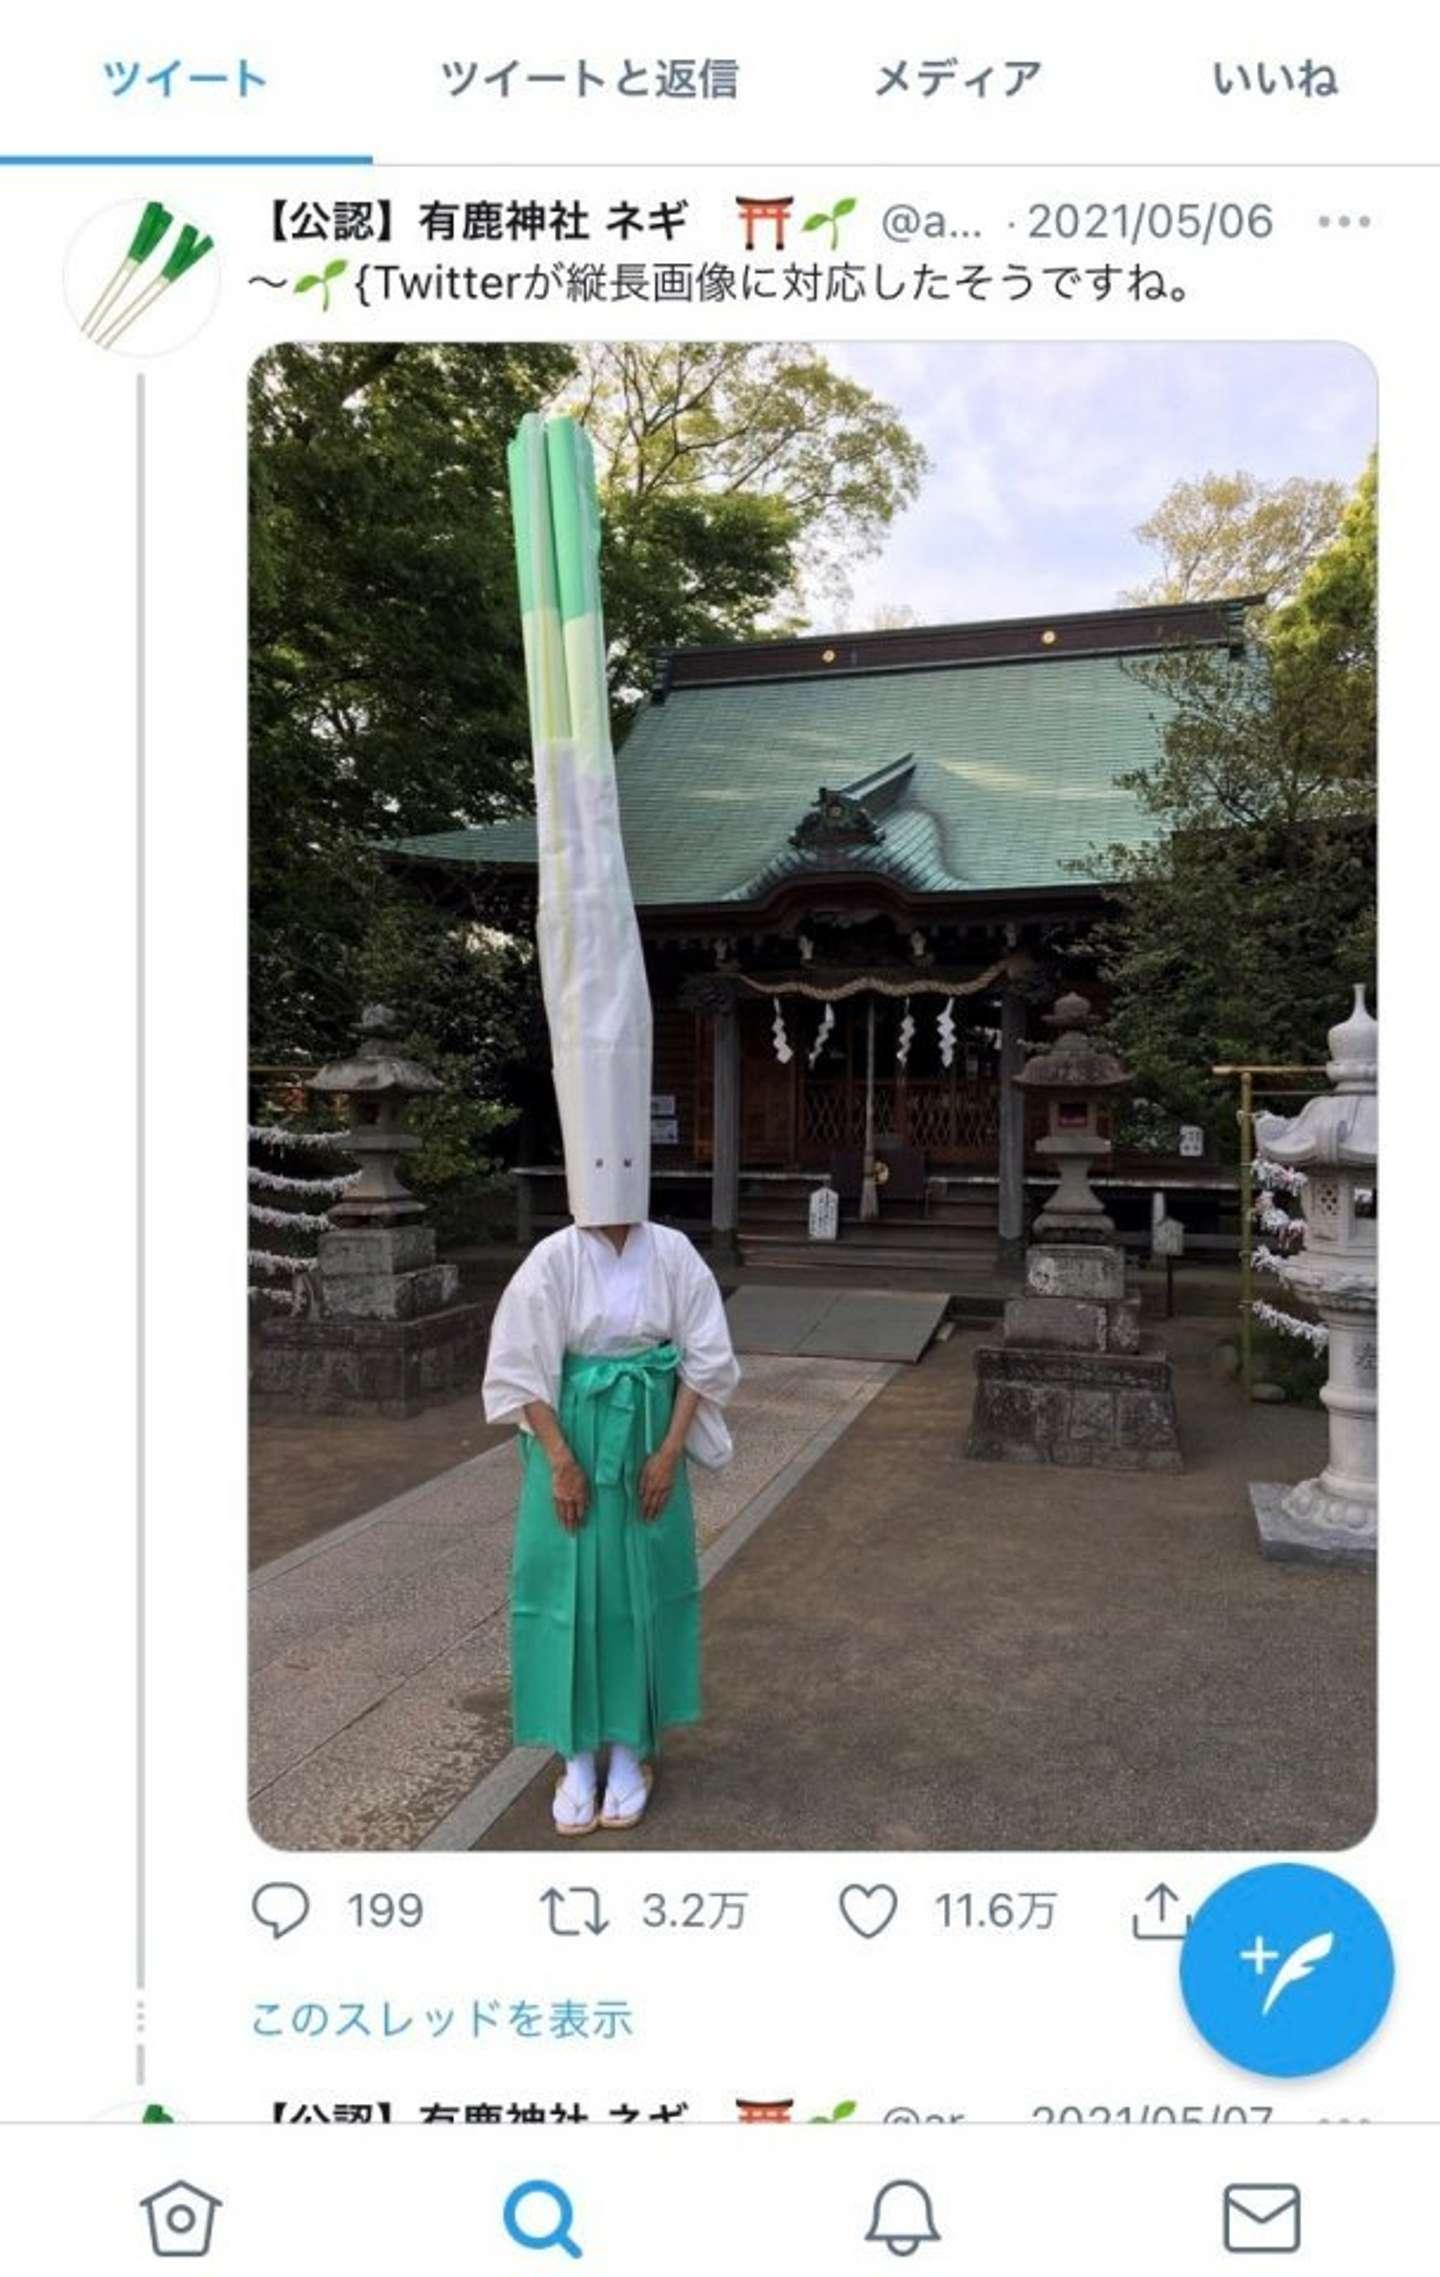 【公認】有鹿神社 ネギ(@arukajinjanegi)のツイート